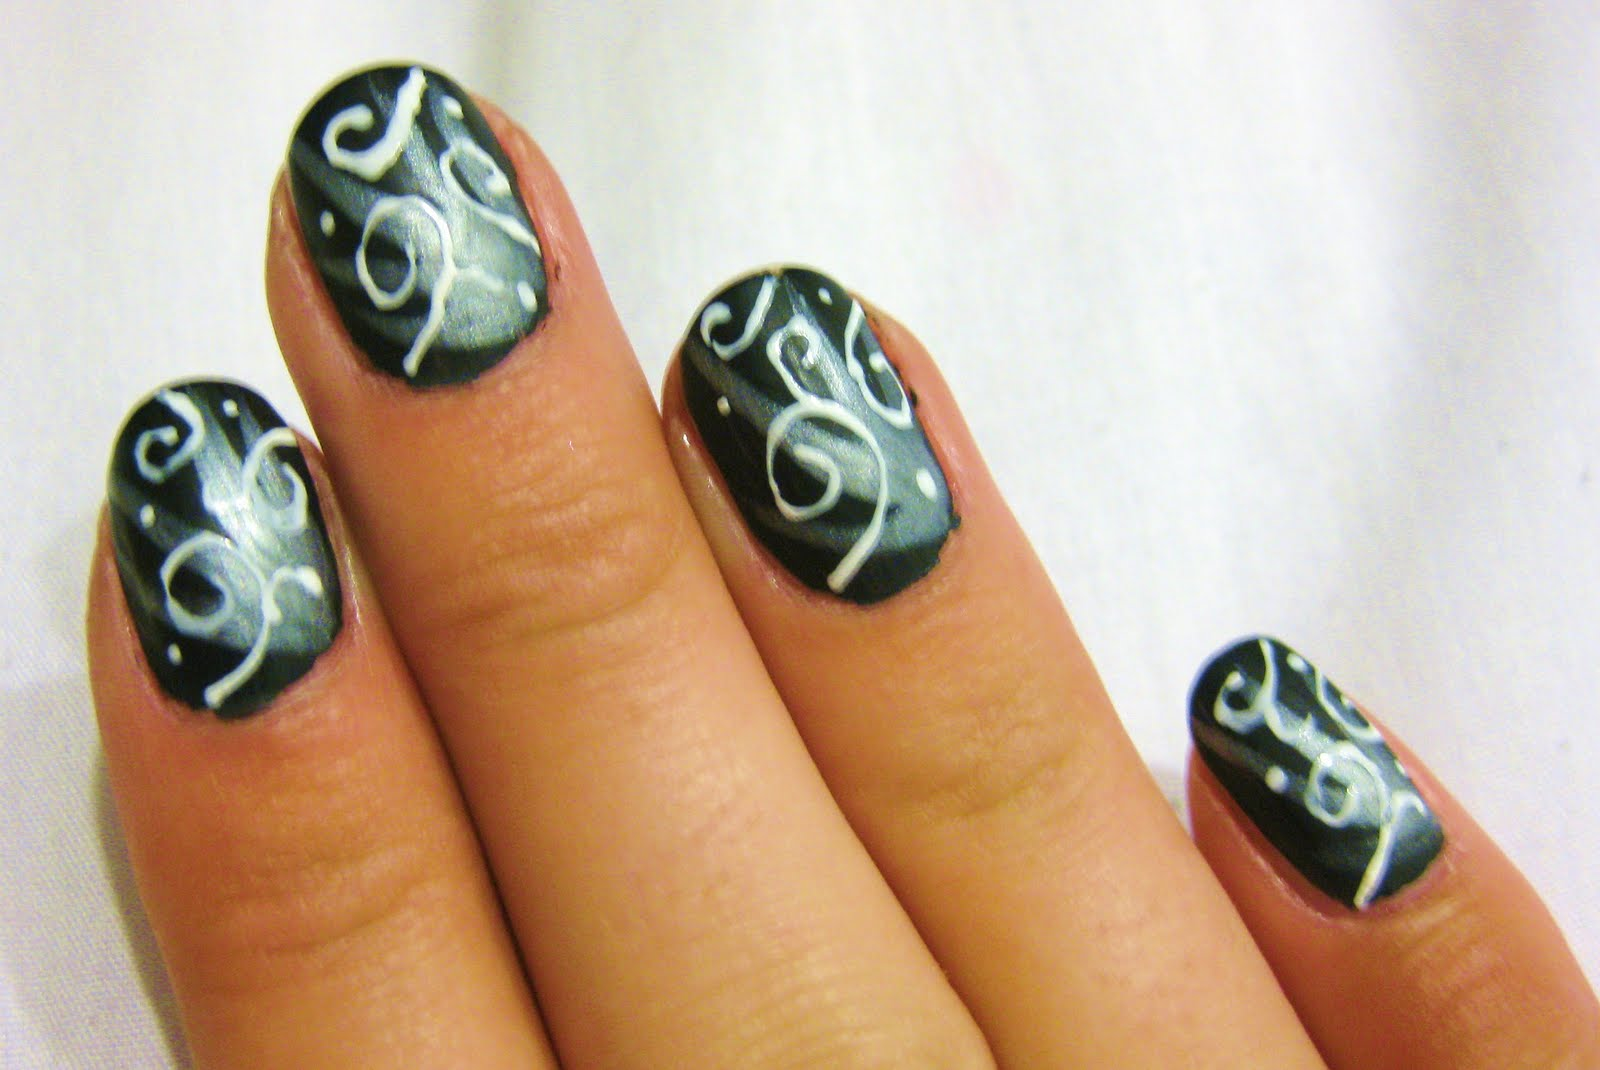 Cowgirl Nail Art Designs - NailArts Ideas